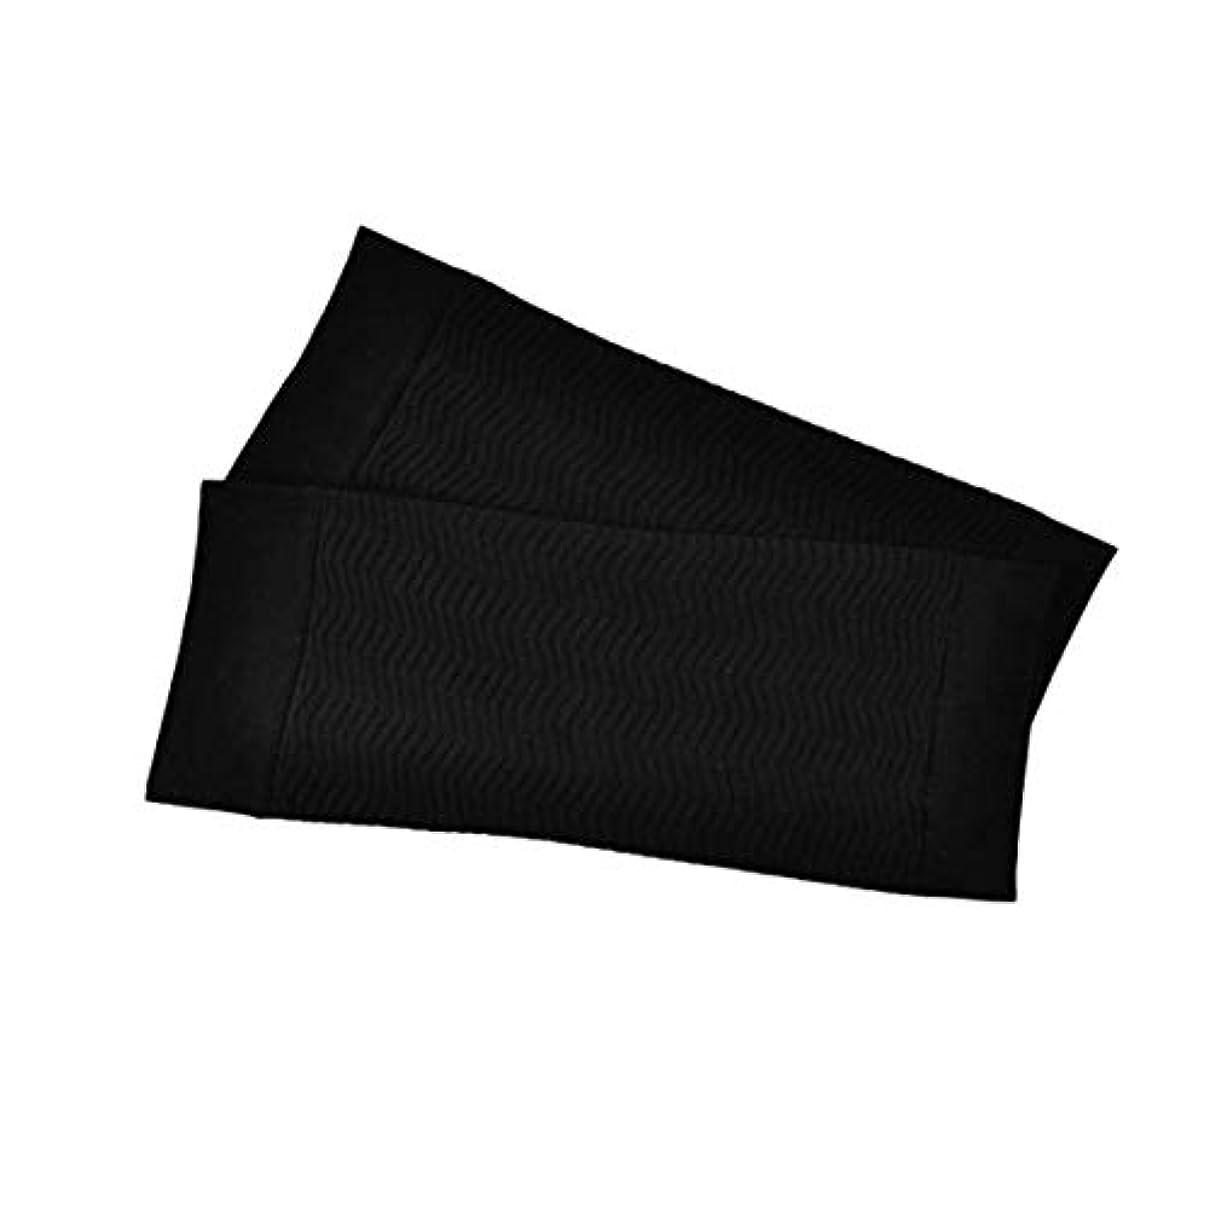 俳優ナイロン甘い1ペア680 D圧縮アームシェイパーワークアウトトーニングバーンセルライトスリミングアームスリーブ脂肪燃焼半袖用女性 - ブラック